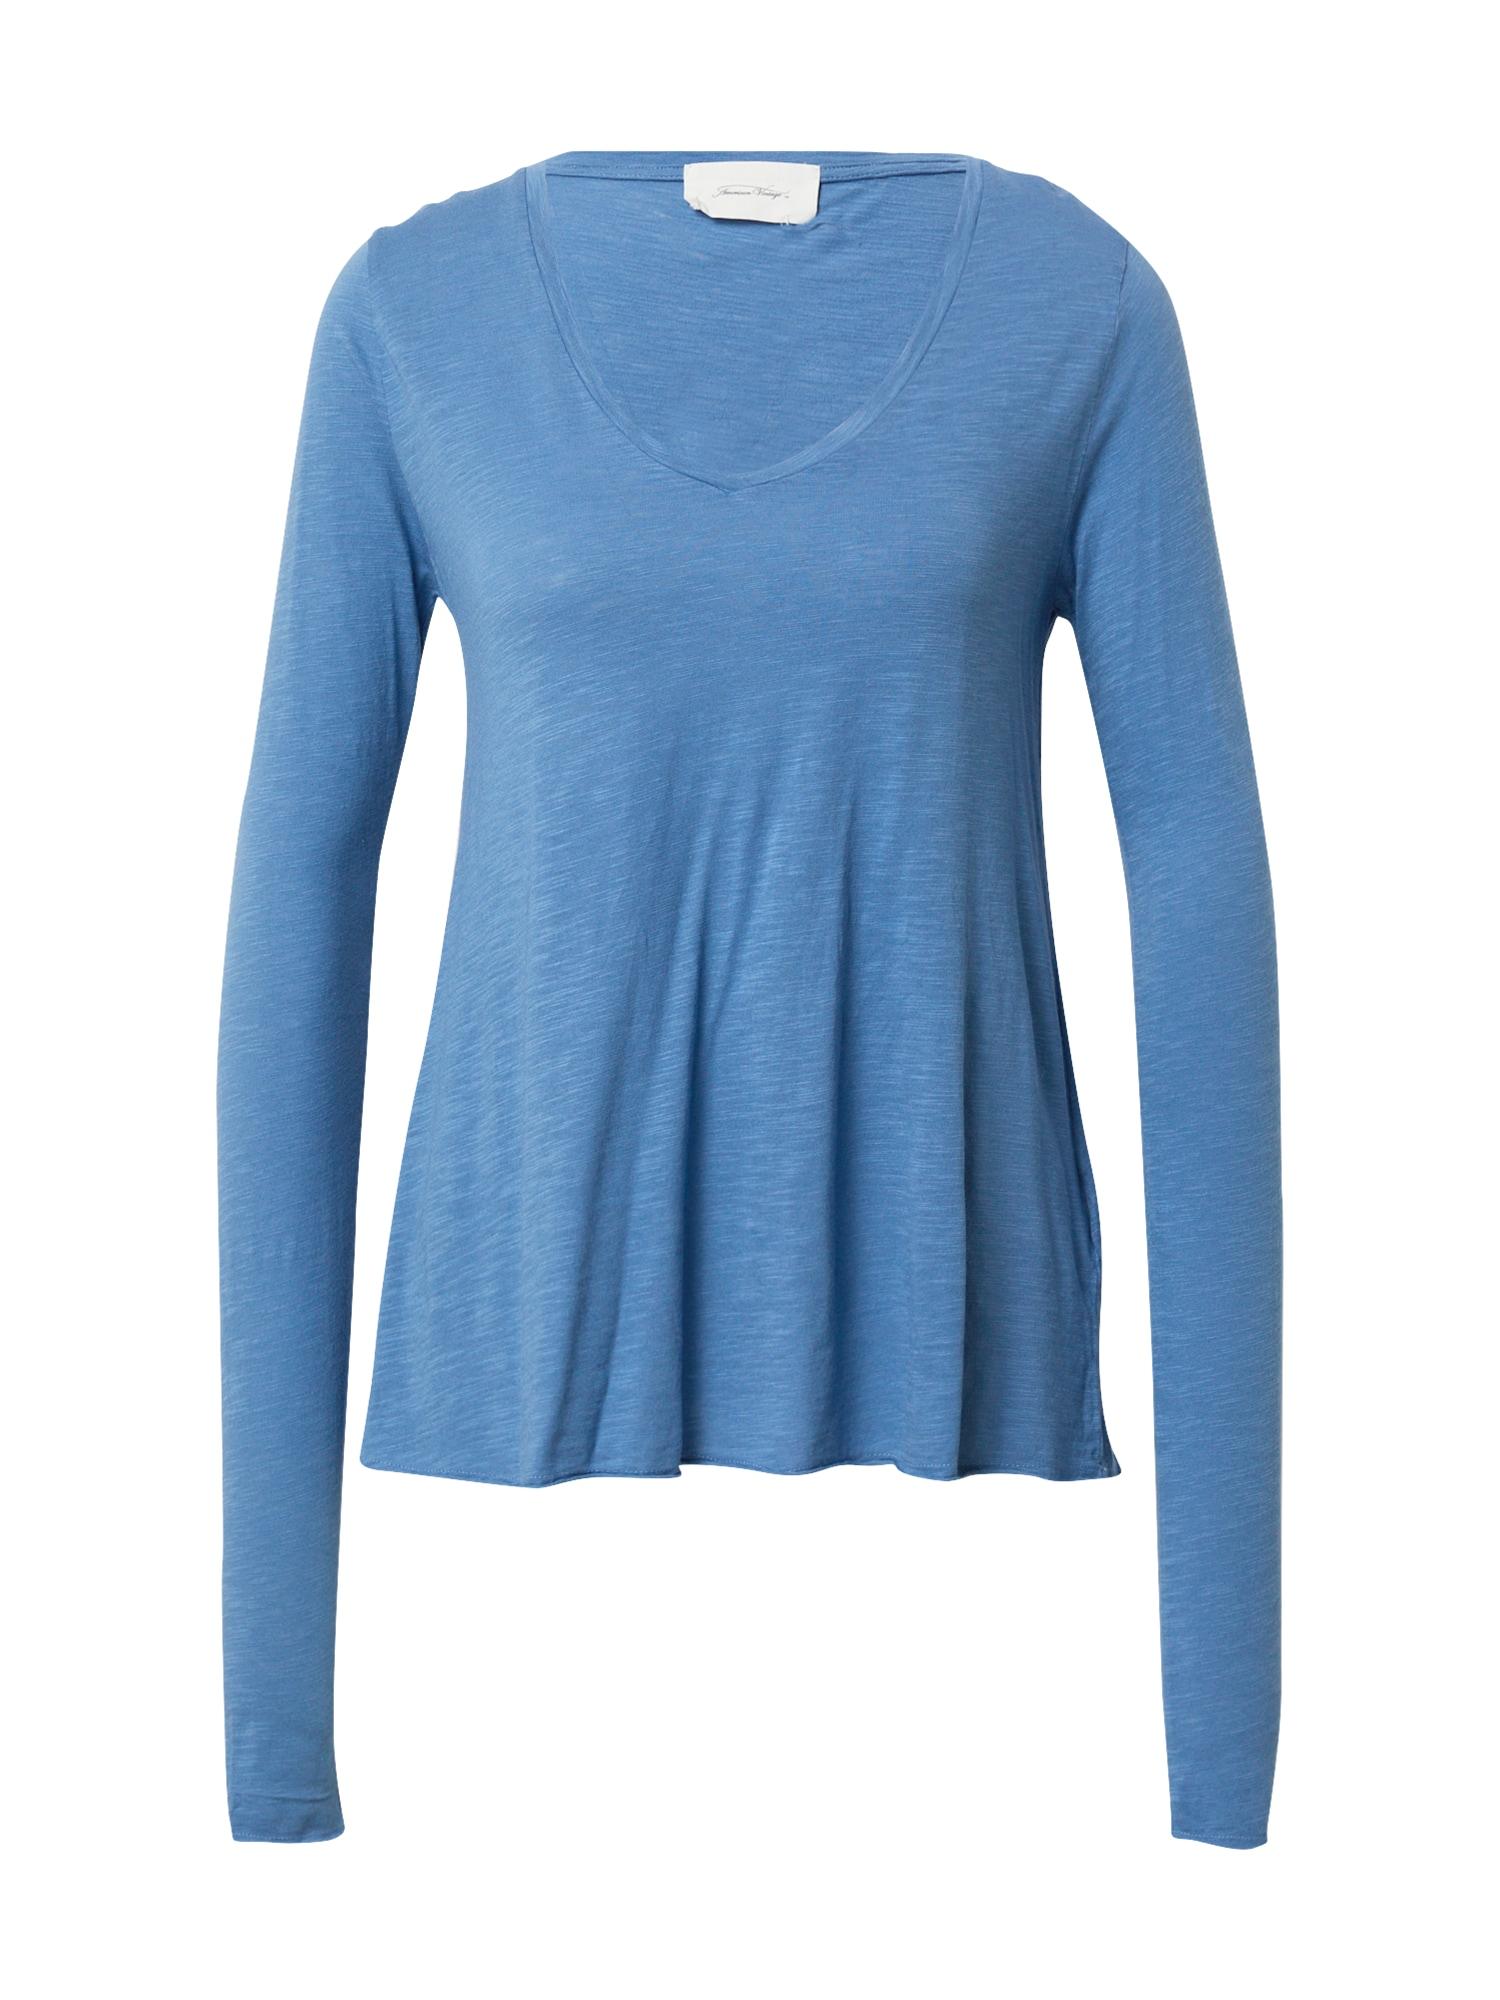 AMERICAN VINTAGE Marškinėliai margai mėlyna